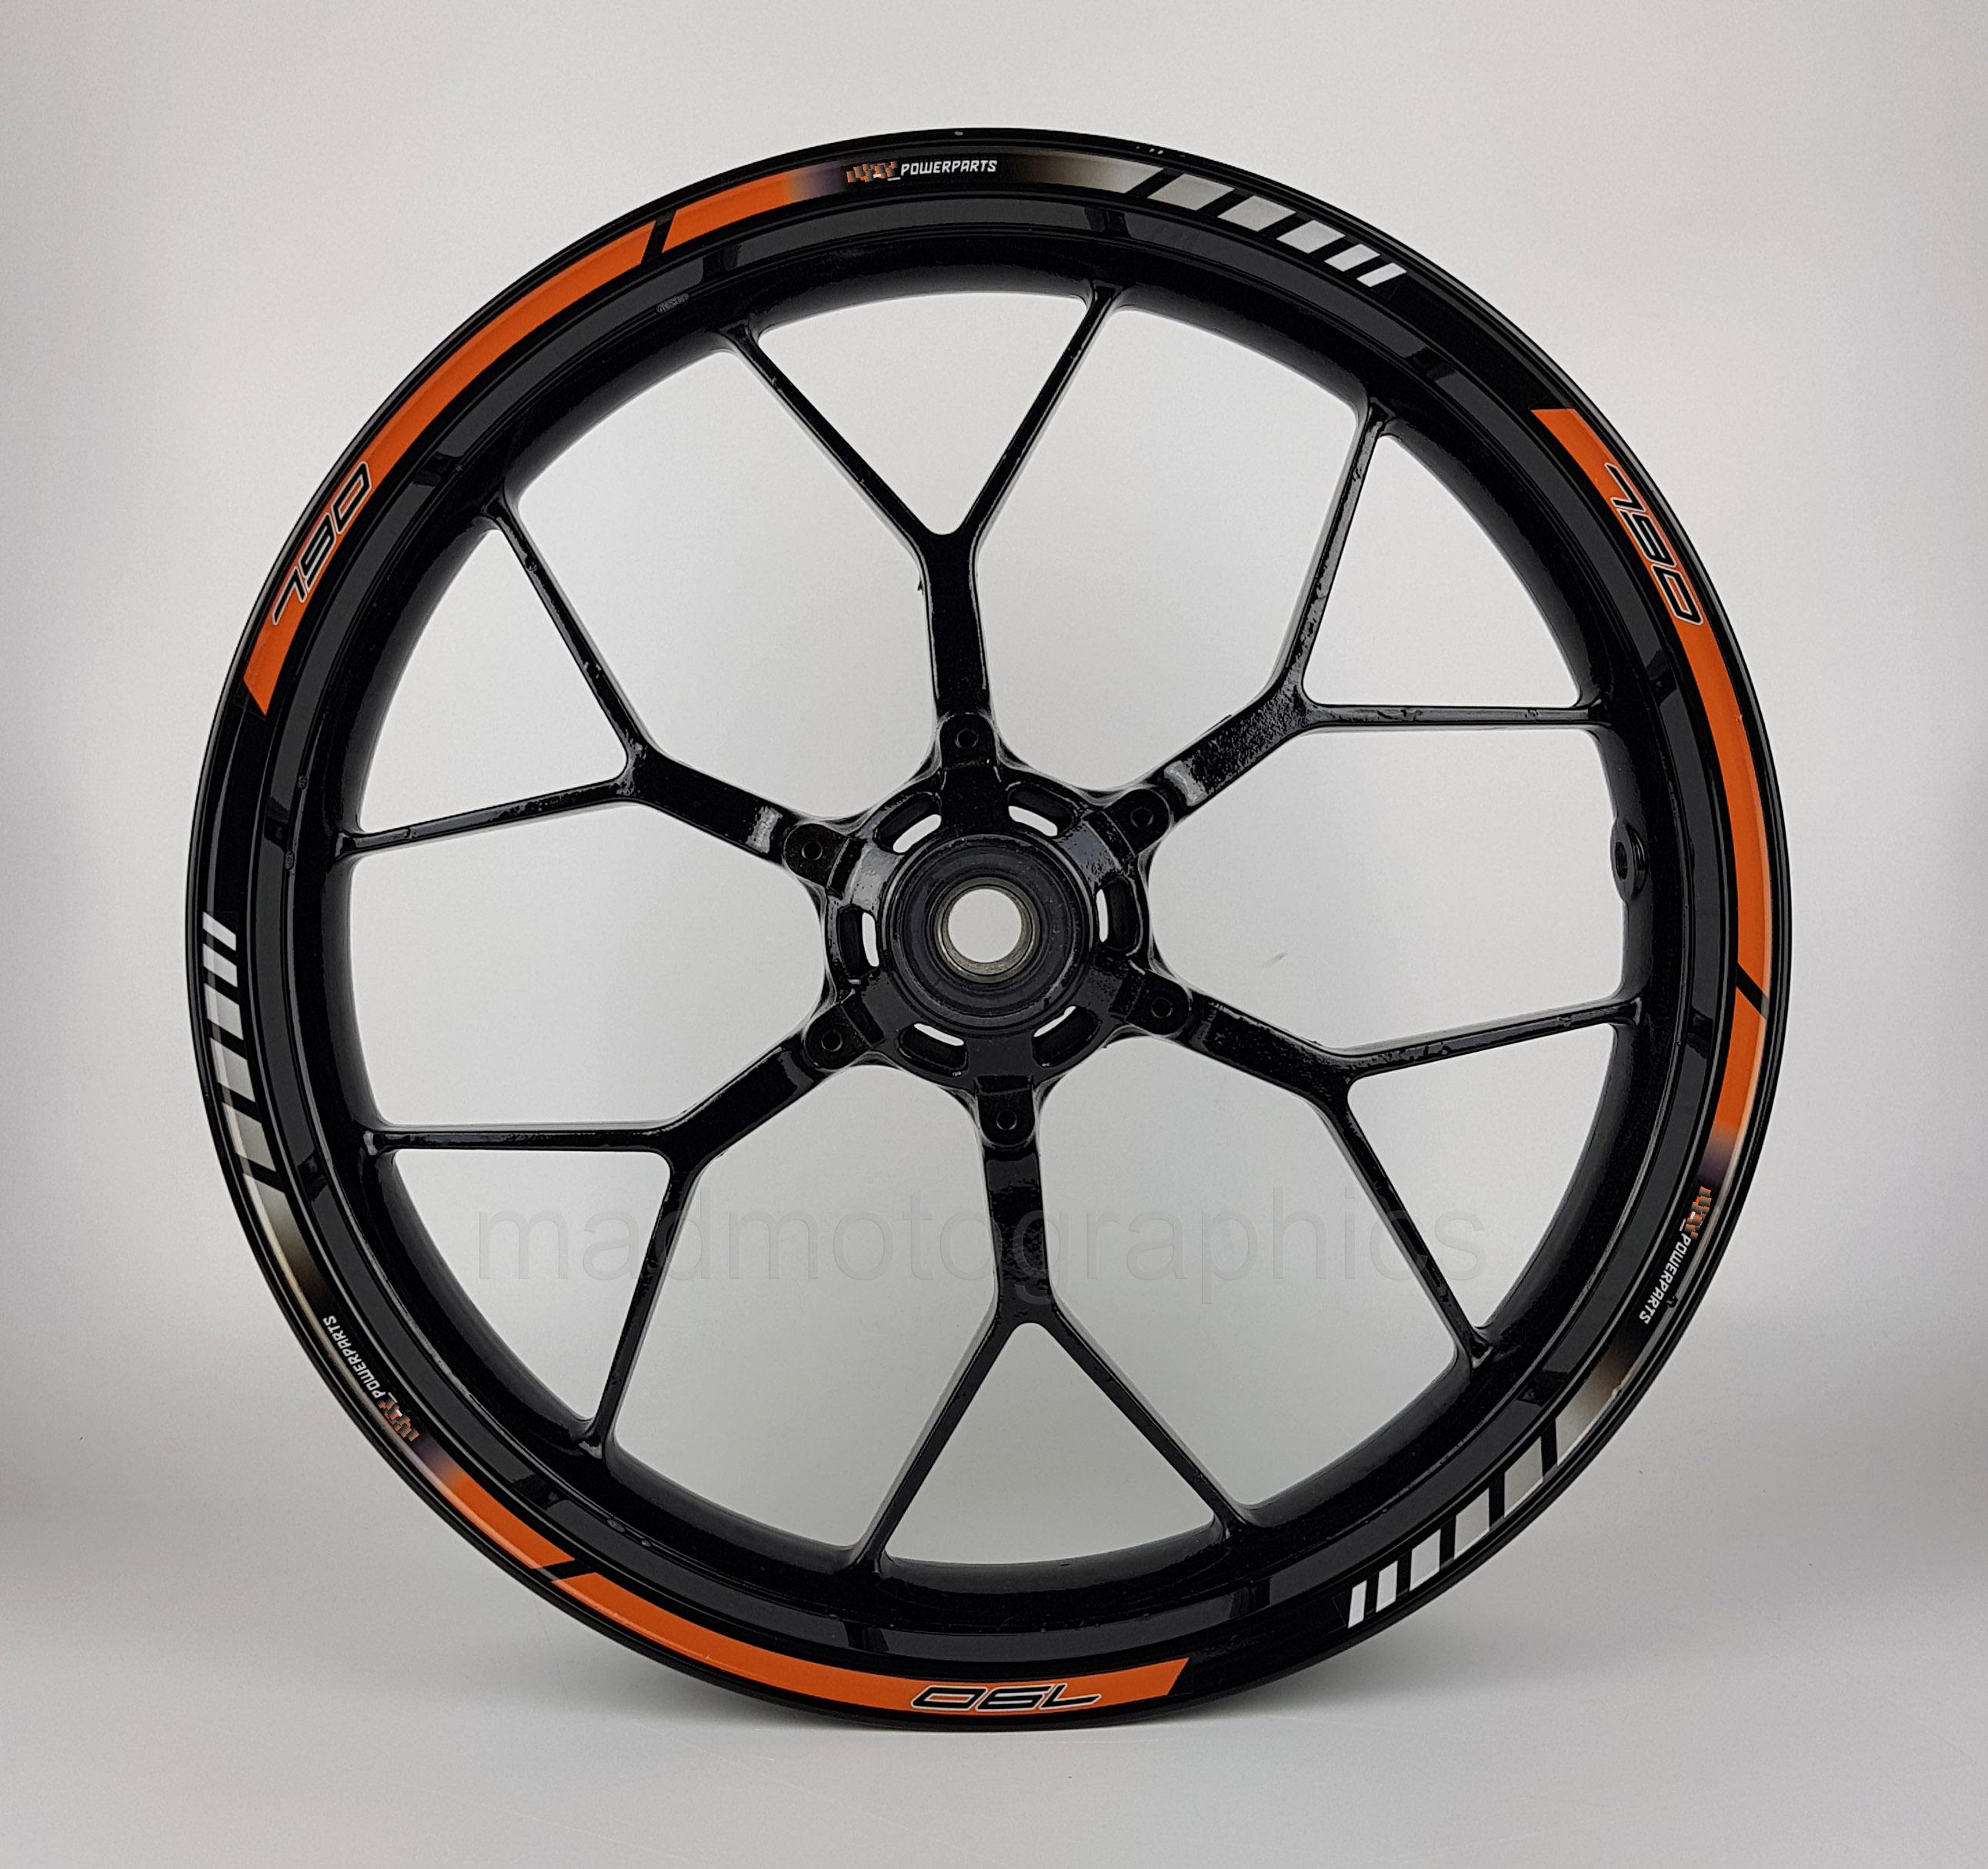 Ktm Wheel Sets